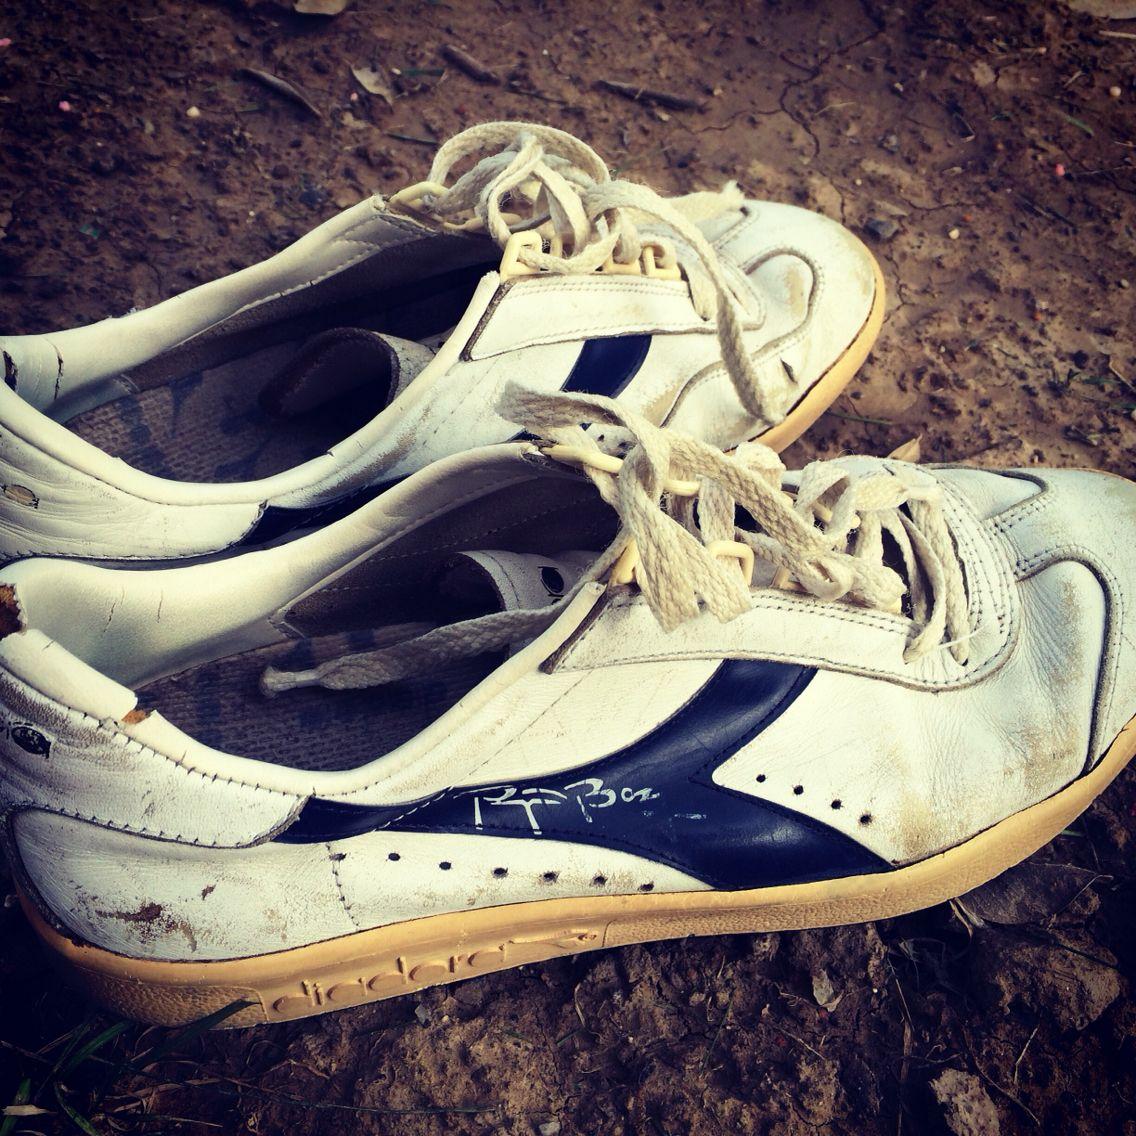 Diadora sneakers, Bjorn borg